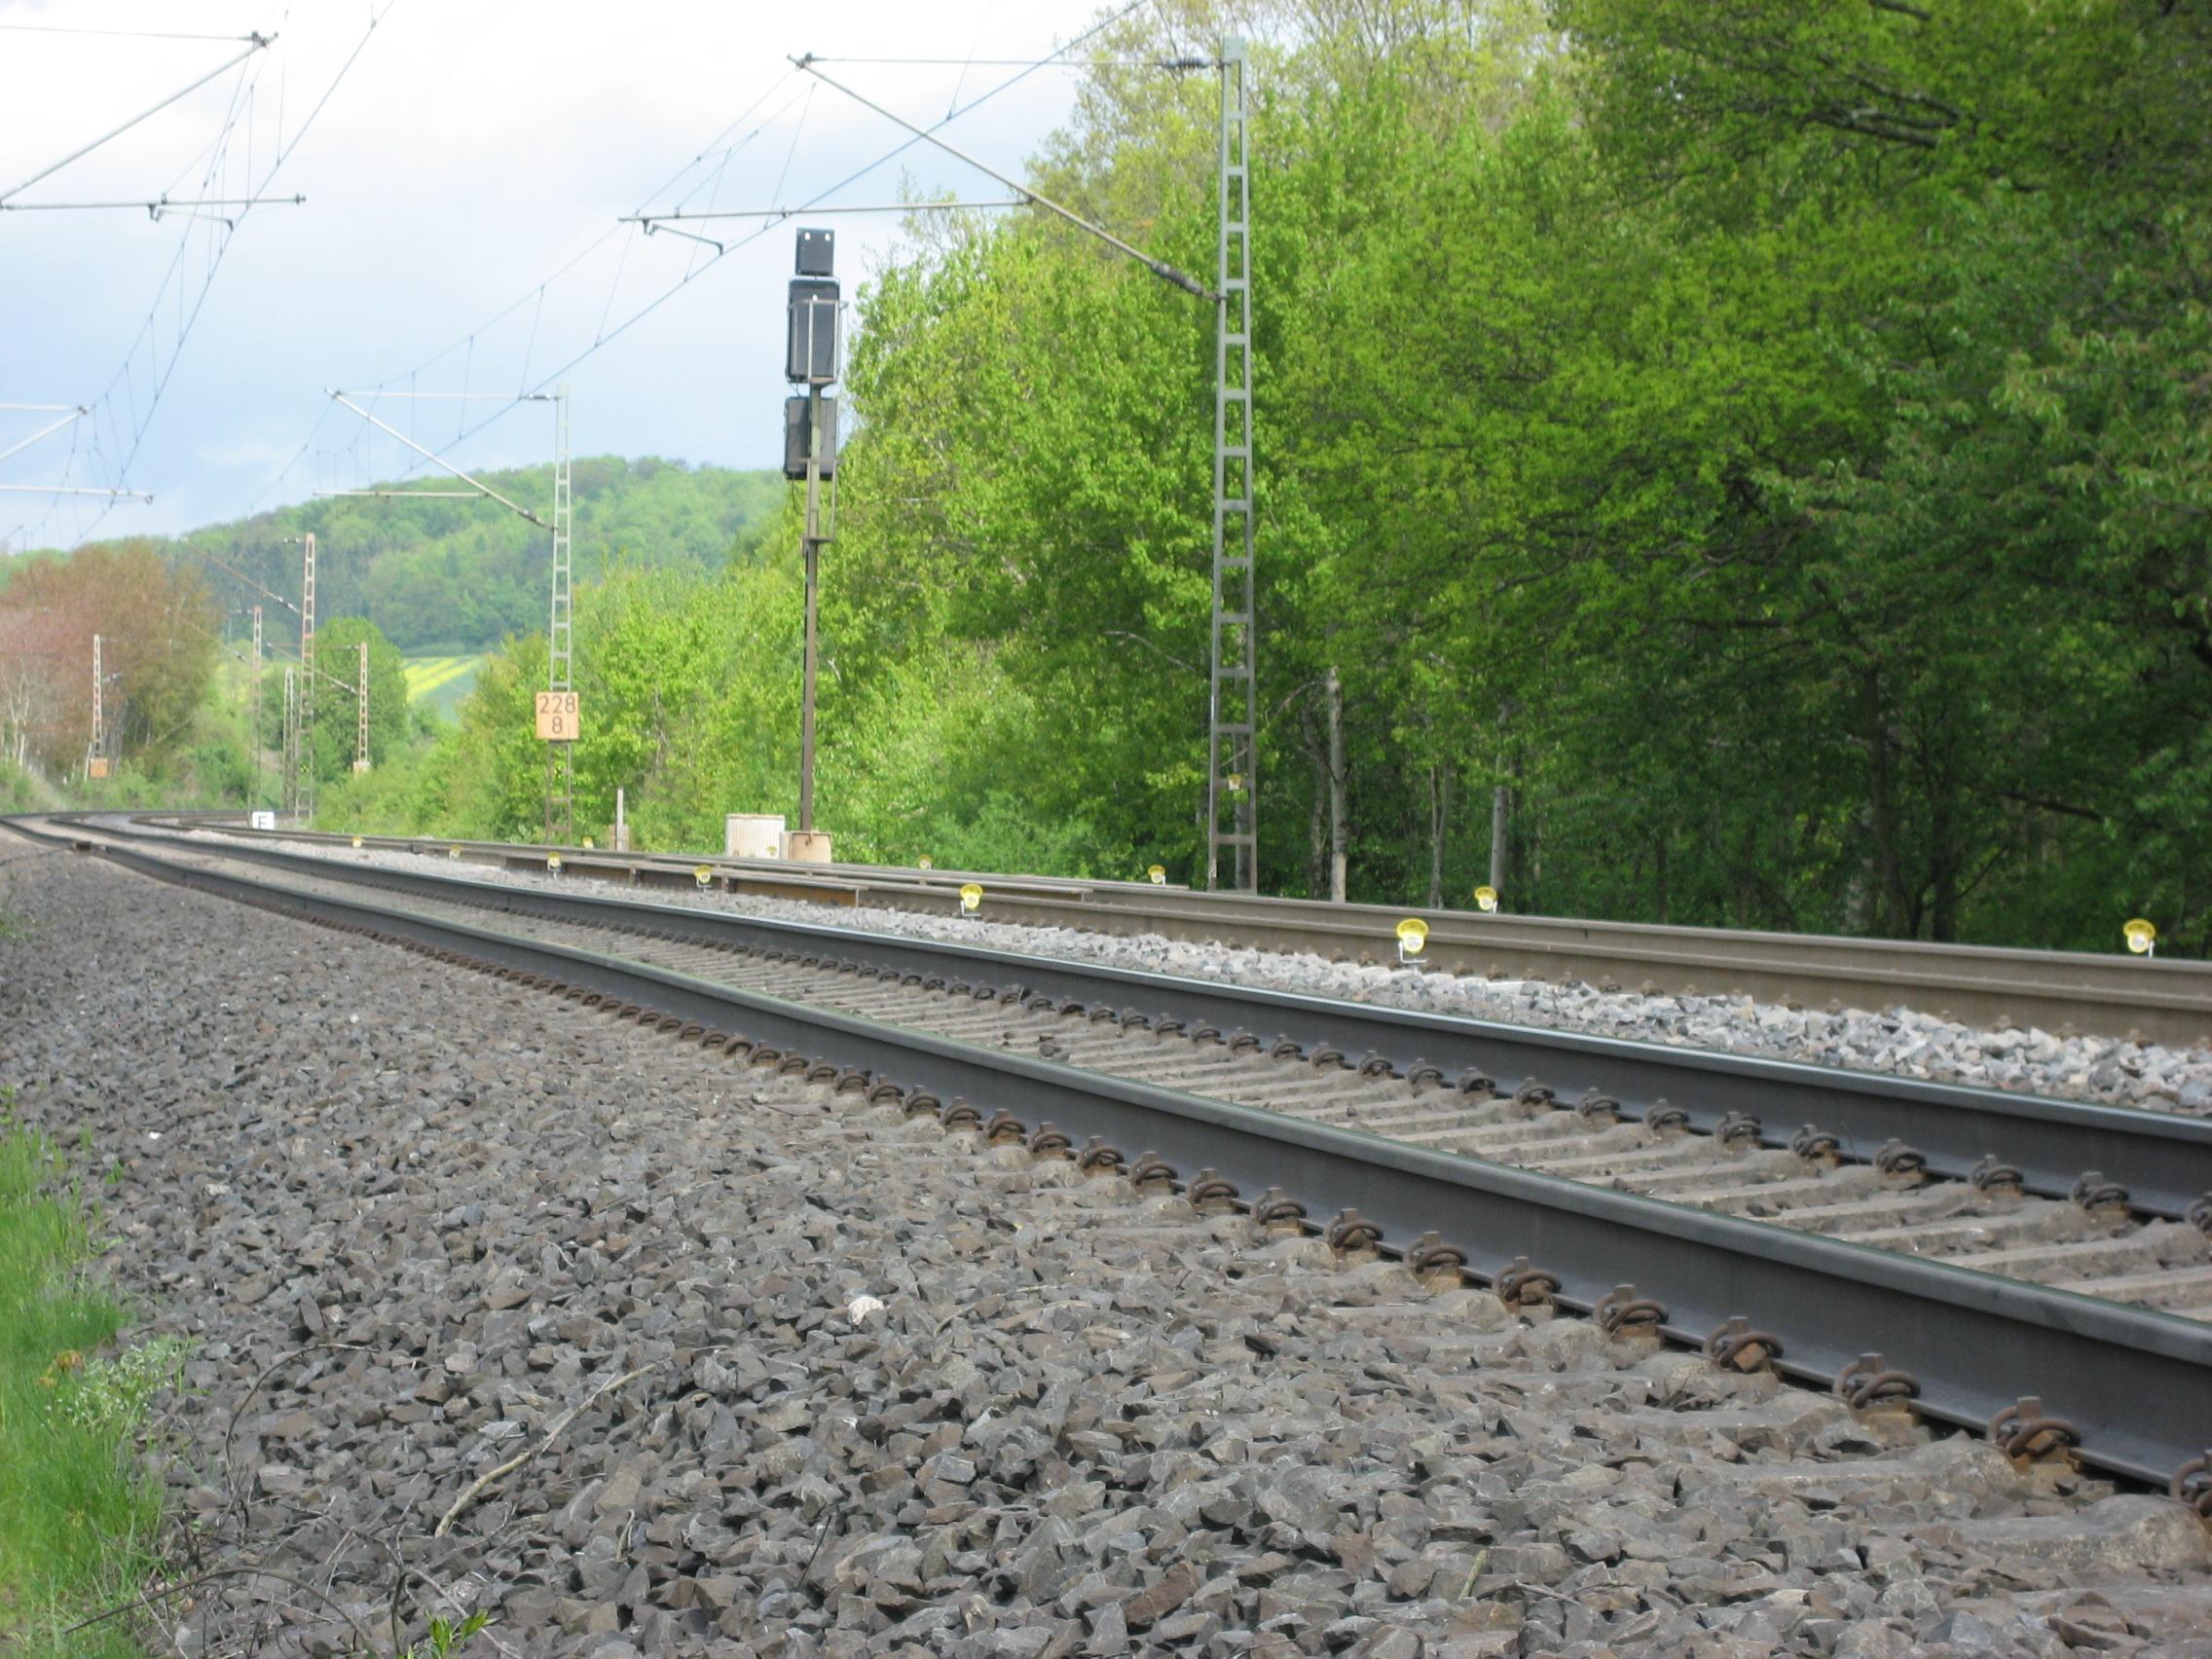 Sicherung während einer Dammertüchtigung in Hessen